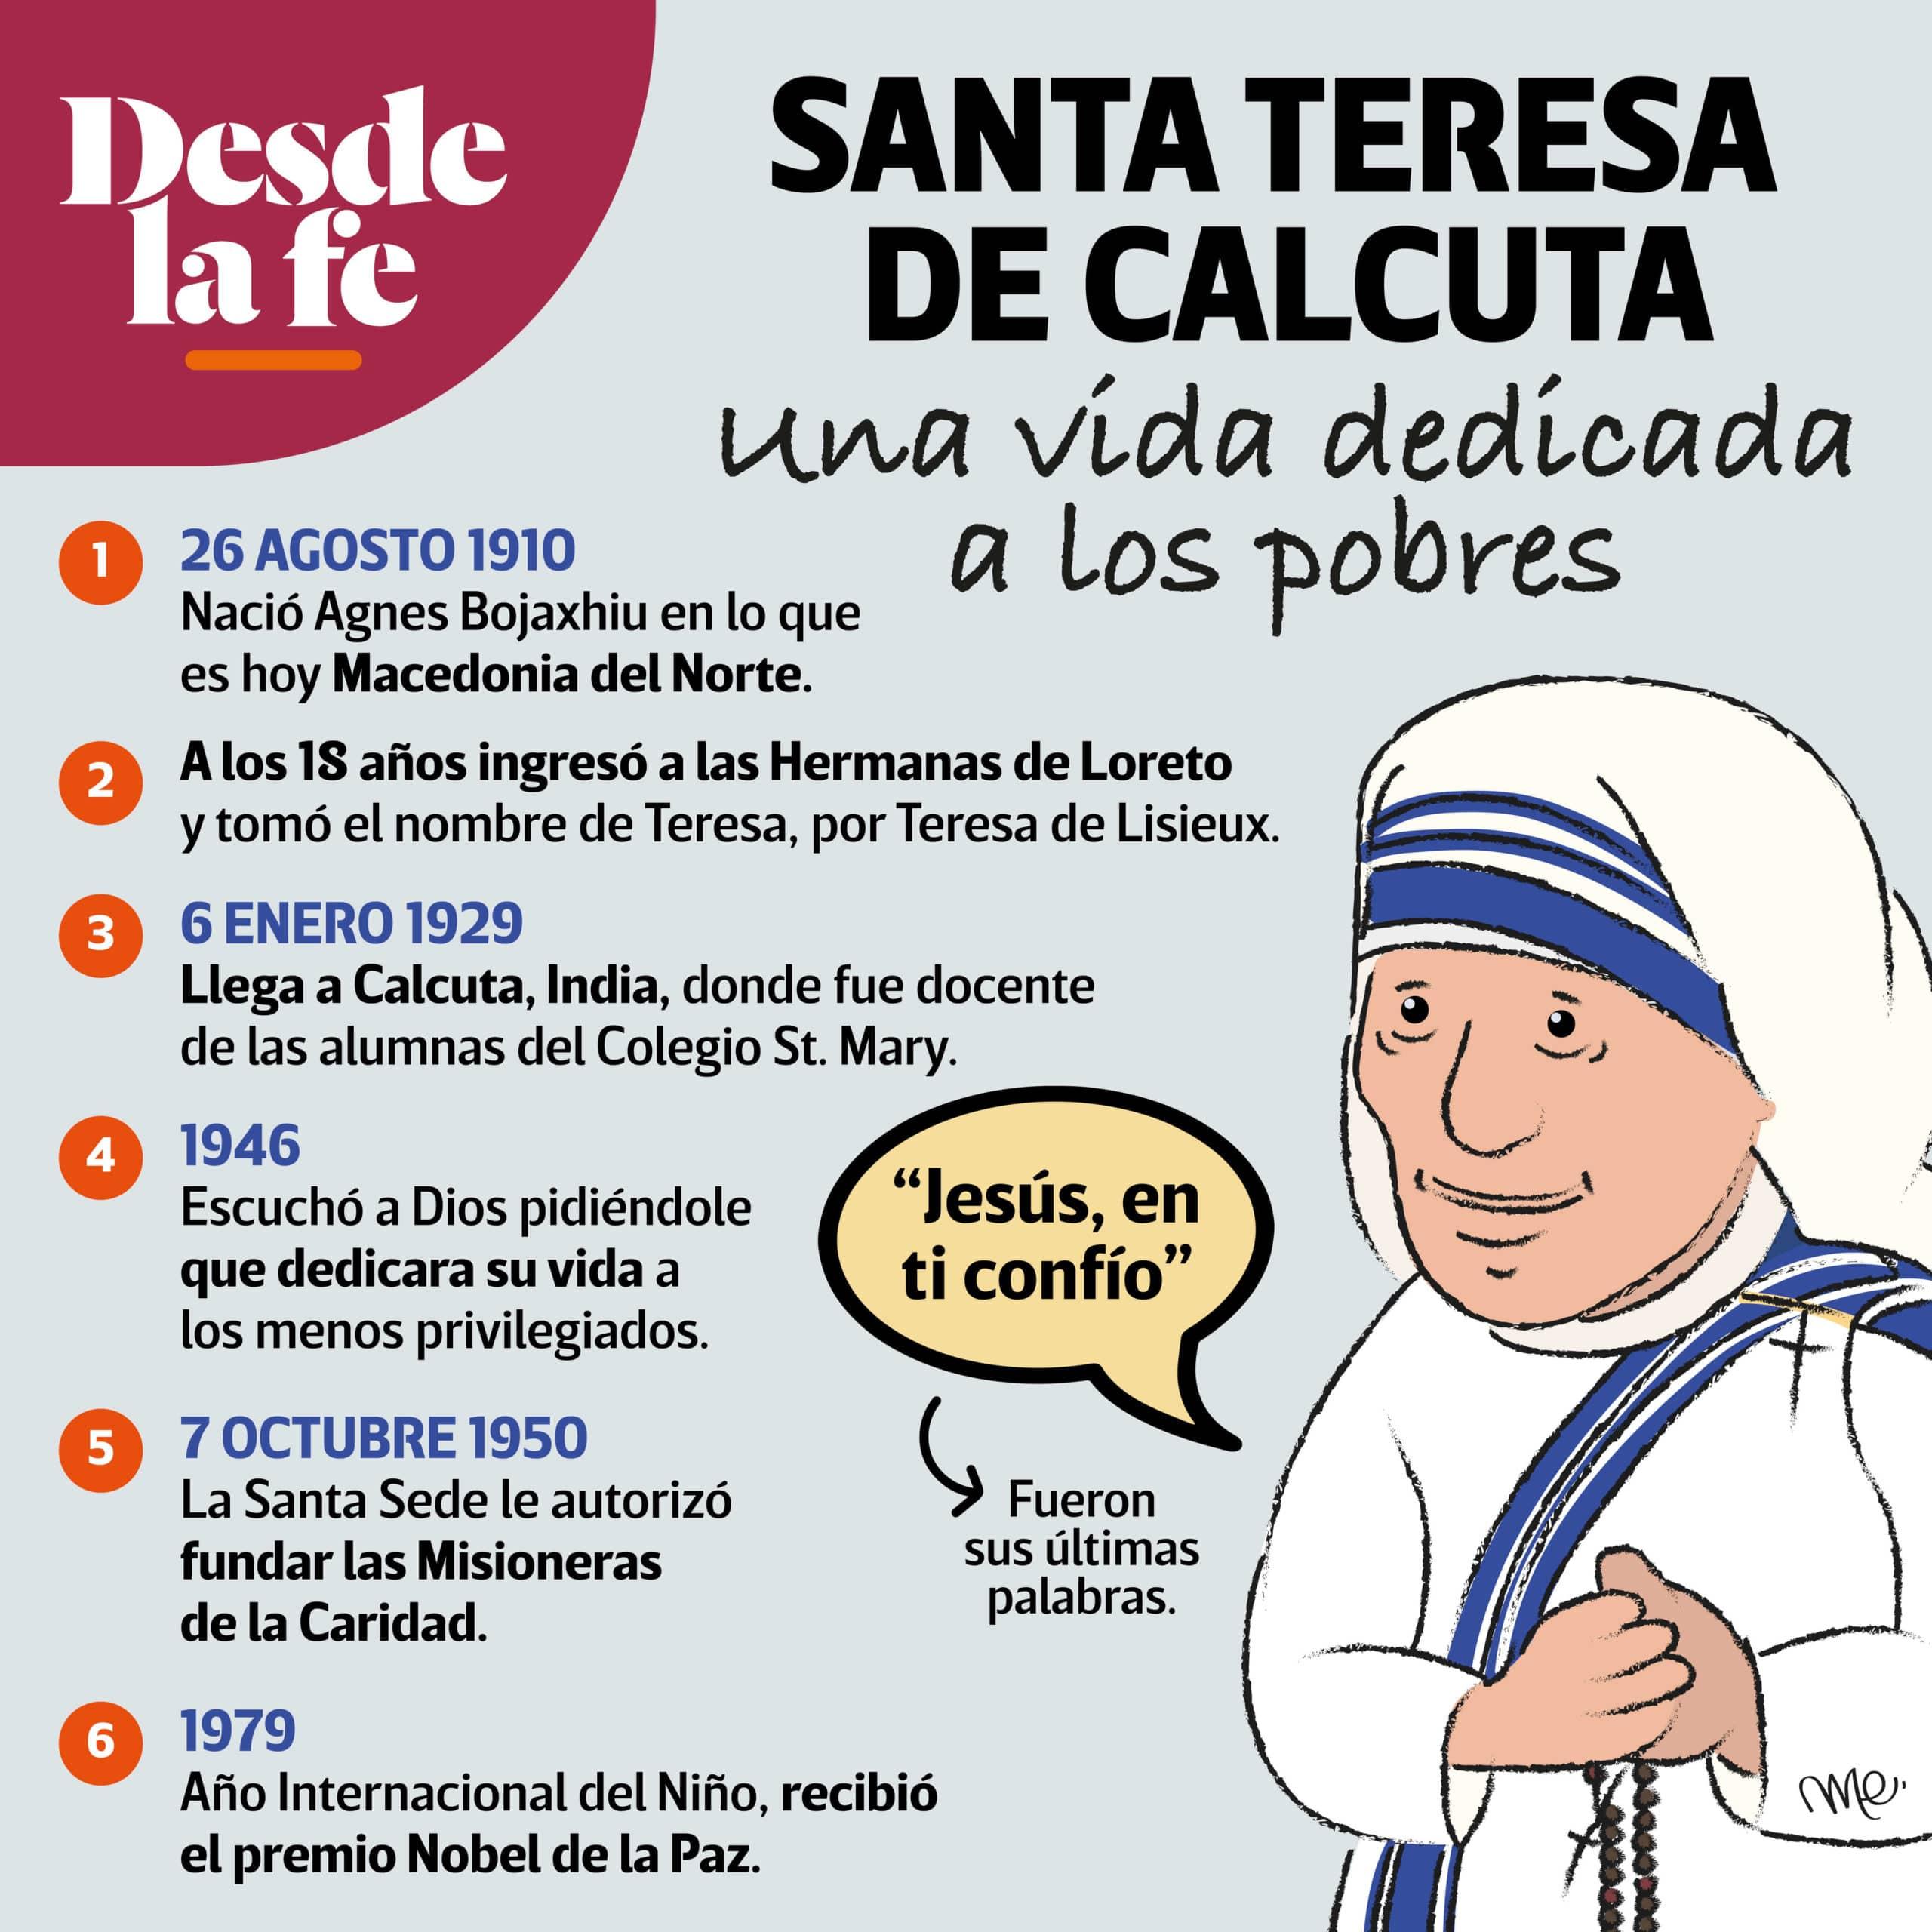 Breve biografía de la Madre Teresa de Calcuta.